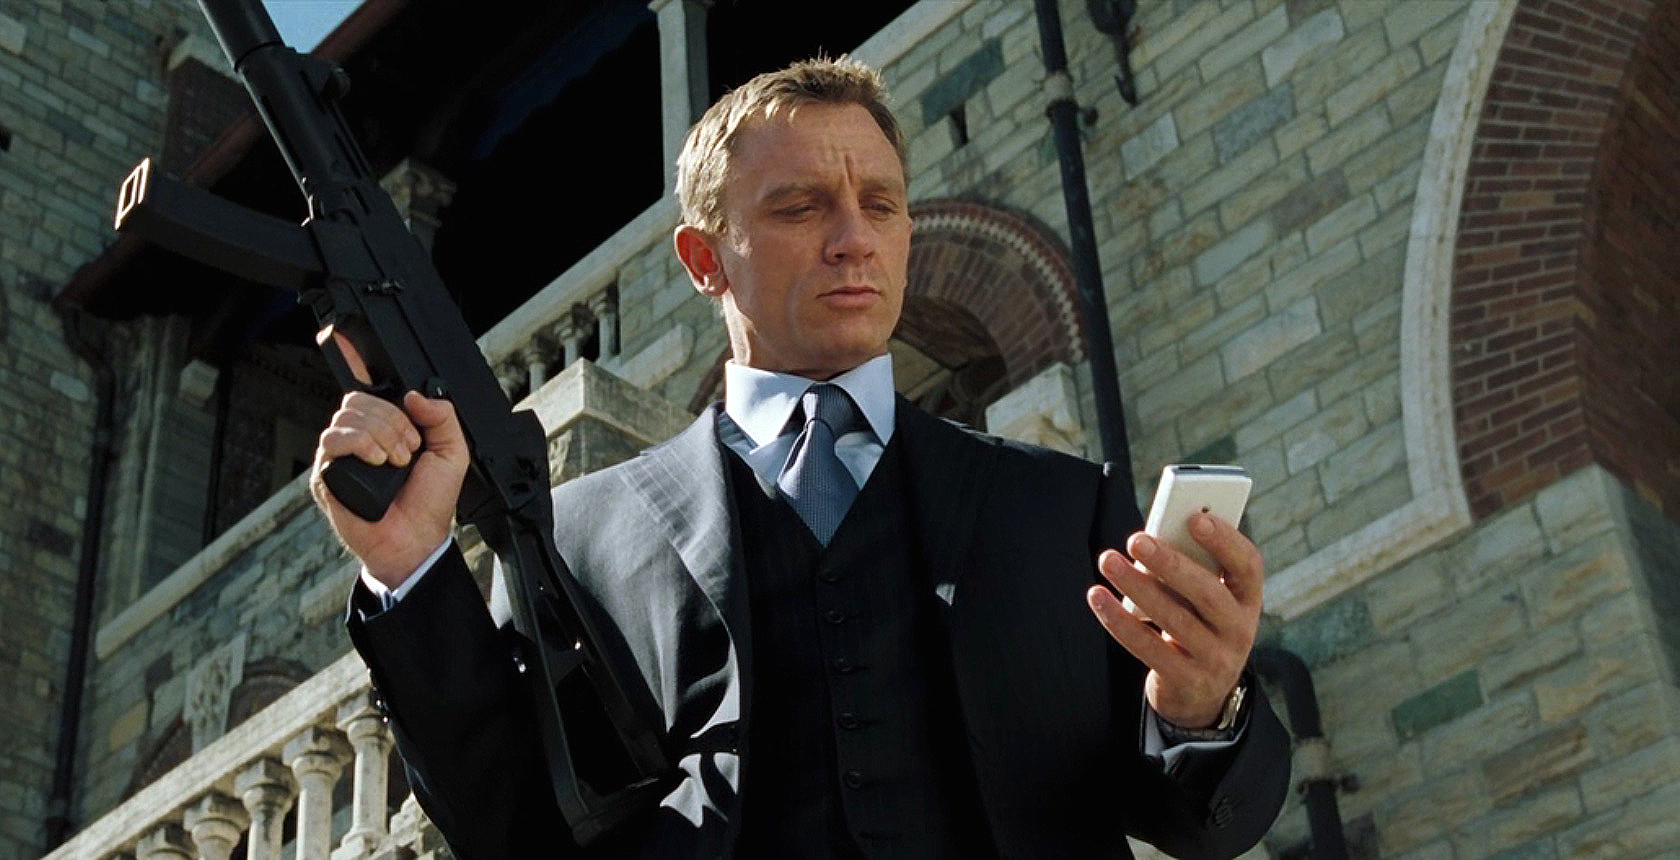 Casino Royale: Původně se počítalo s Brosnanem, točit mohl Tarantino | Fandíme filmu